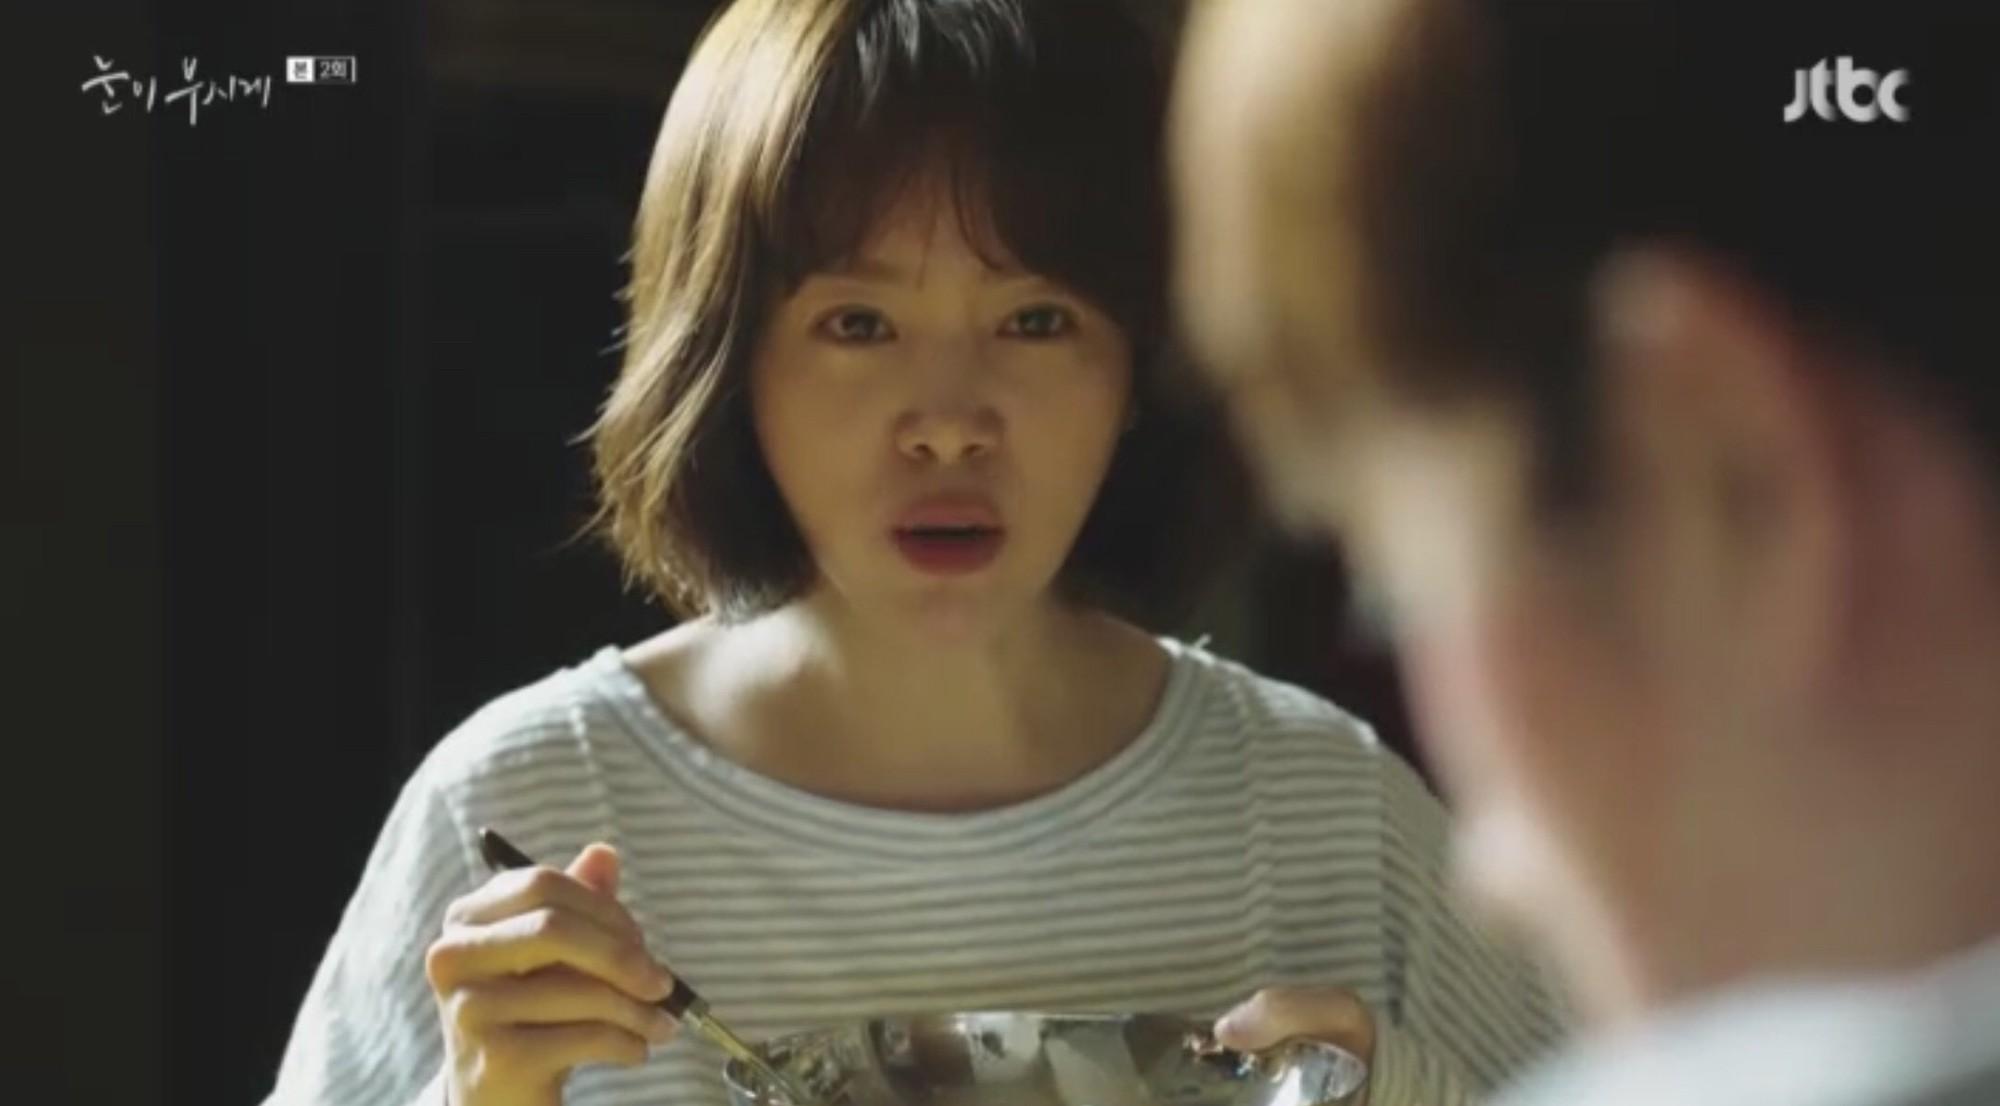 Lầy mà dễ thương như Han Ji Min trong Dazzling thì có đáng yêu không? - Ảnh 6.